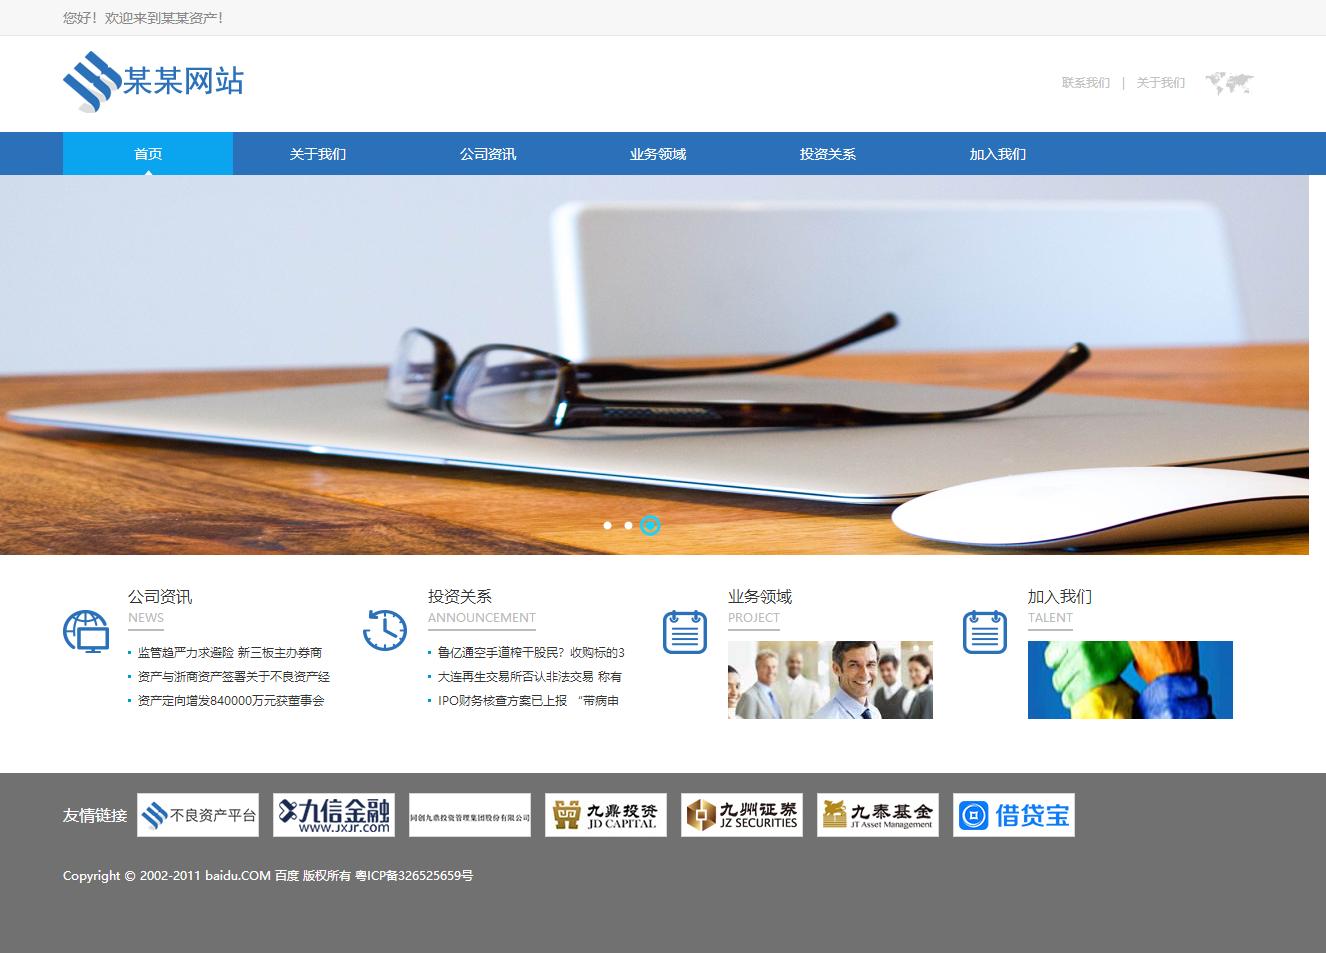 金融投资资产监管部门类网站织梦dedecms模板(带手机端)